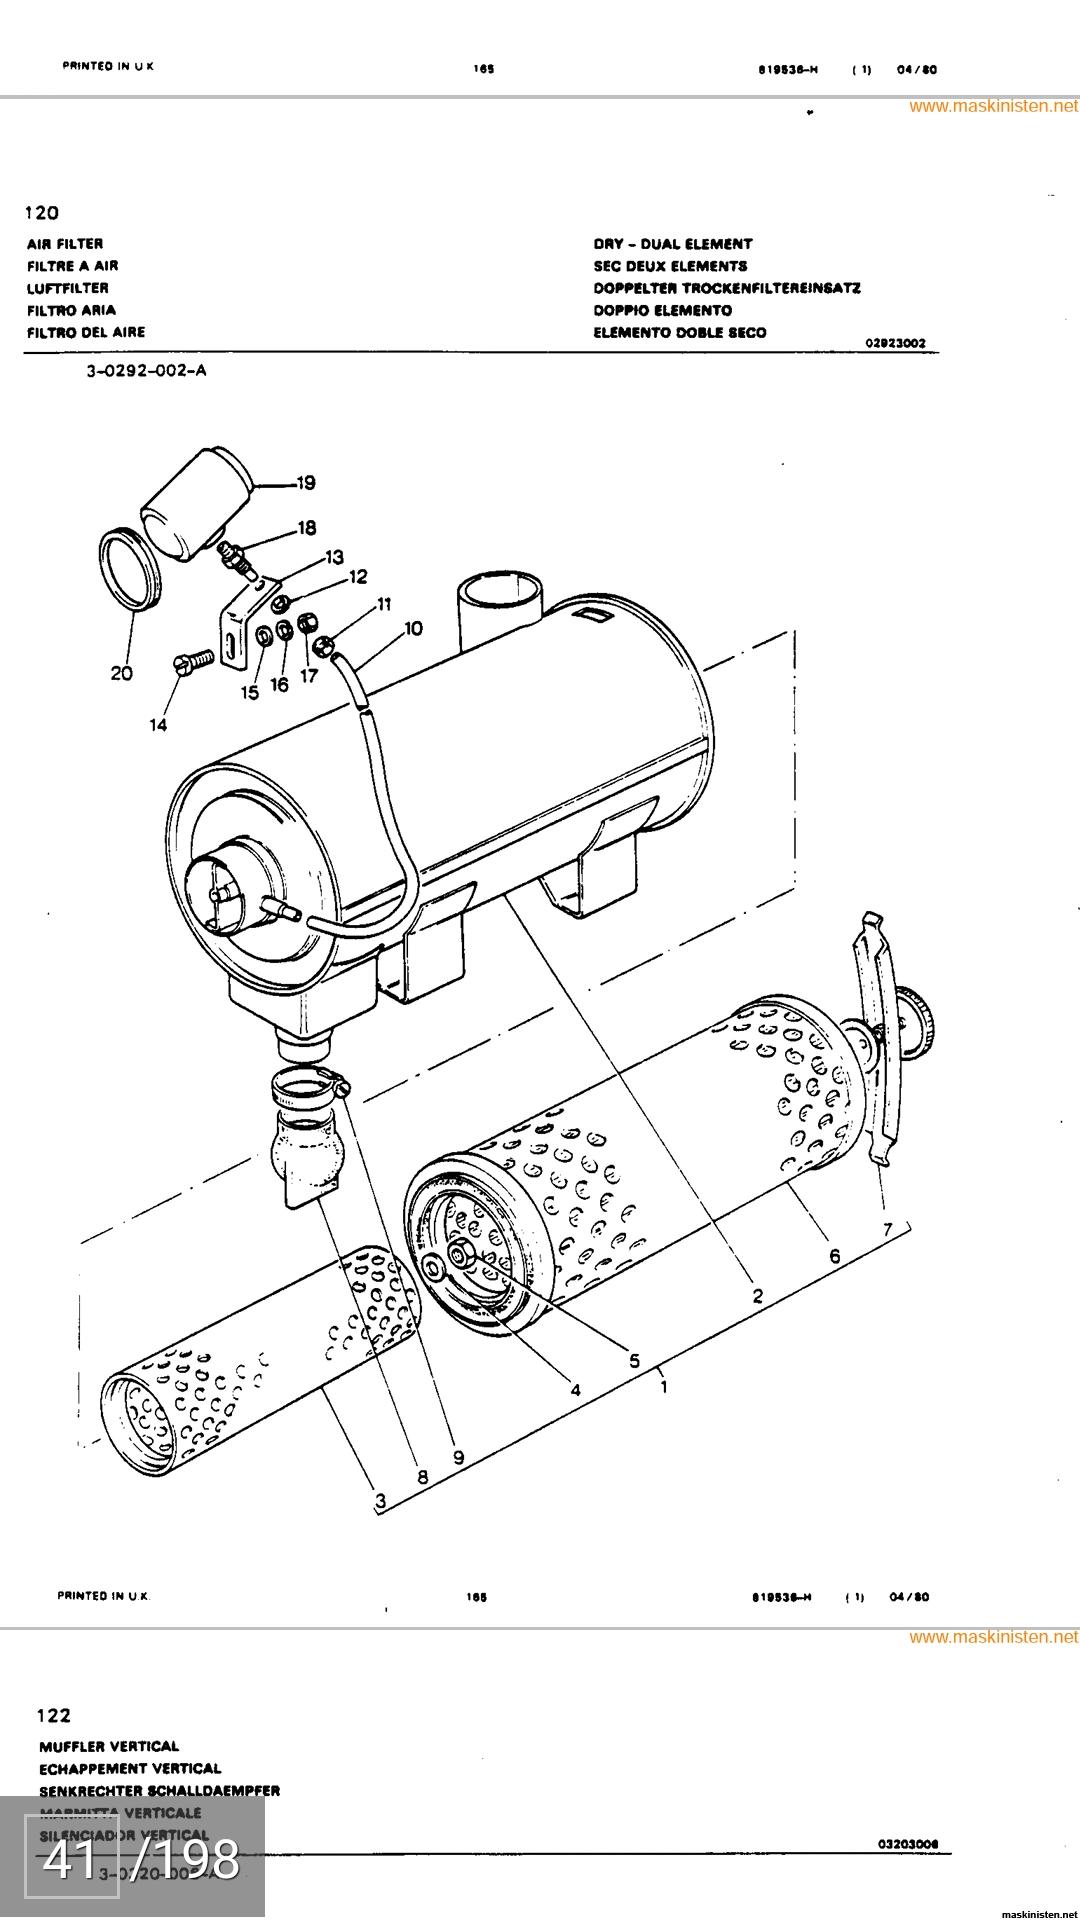 MF 165 utan luftfilter • Maskinisten